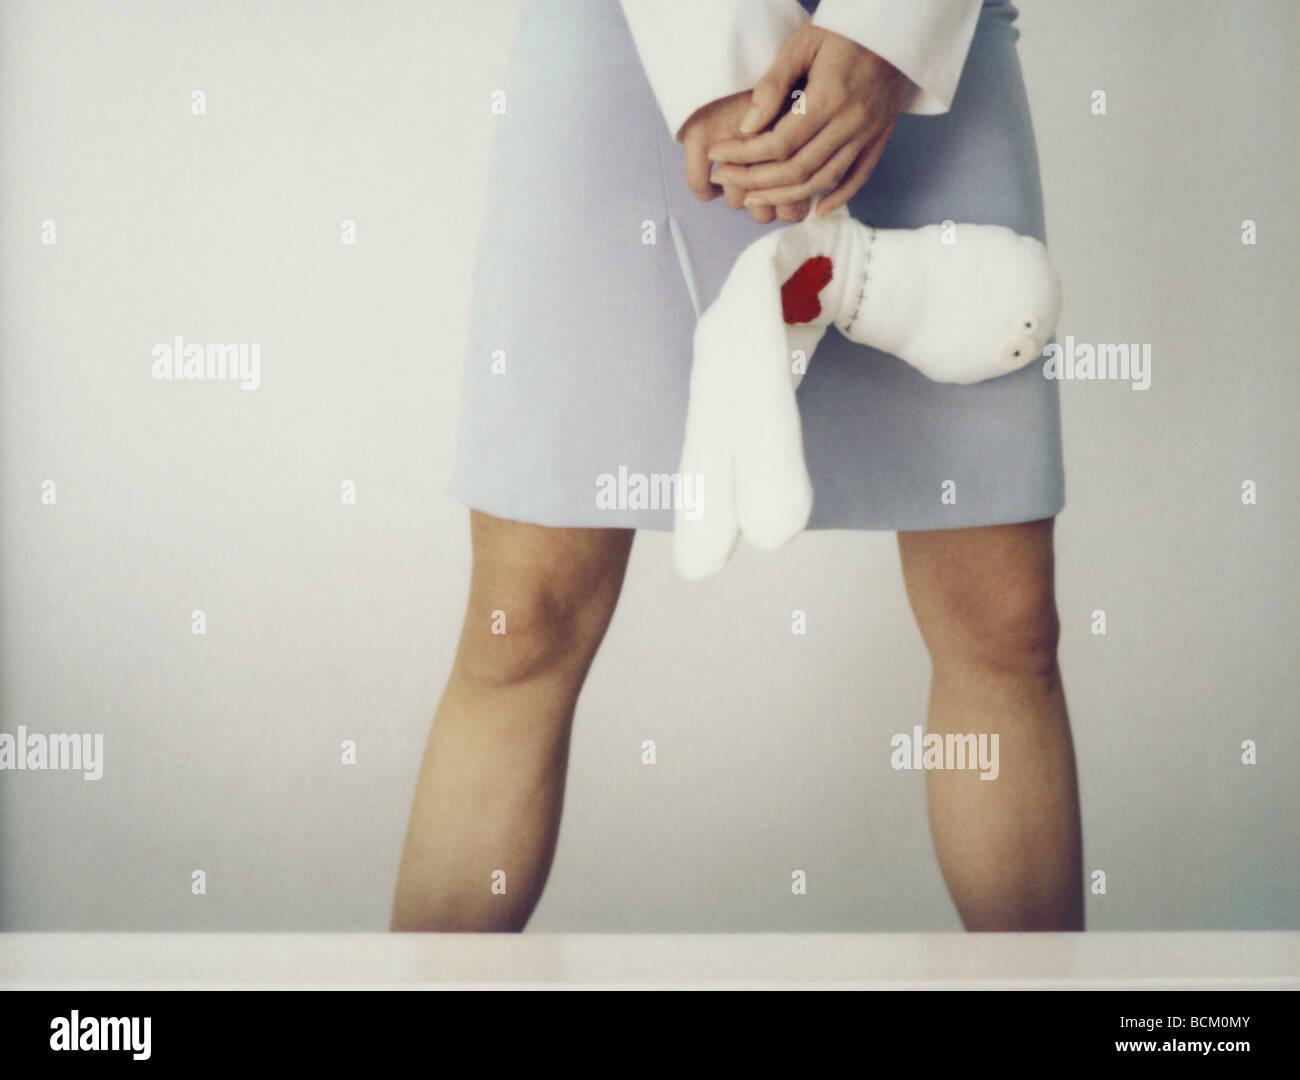 Mujer de pie con las piernas, manteniendo rag doll en manos entrelazadas, vista recortada piernas Imagen De Stock